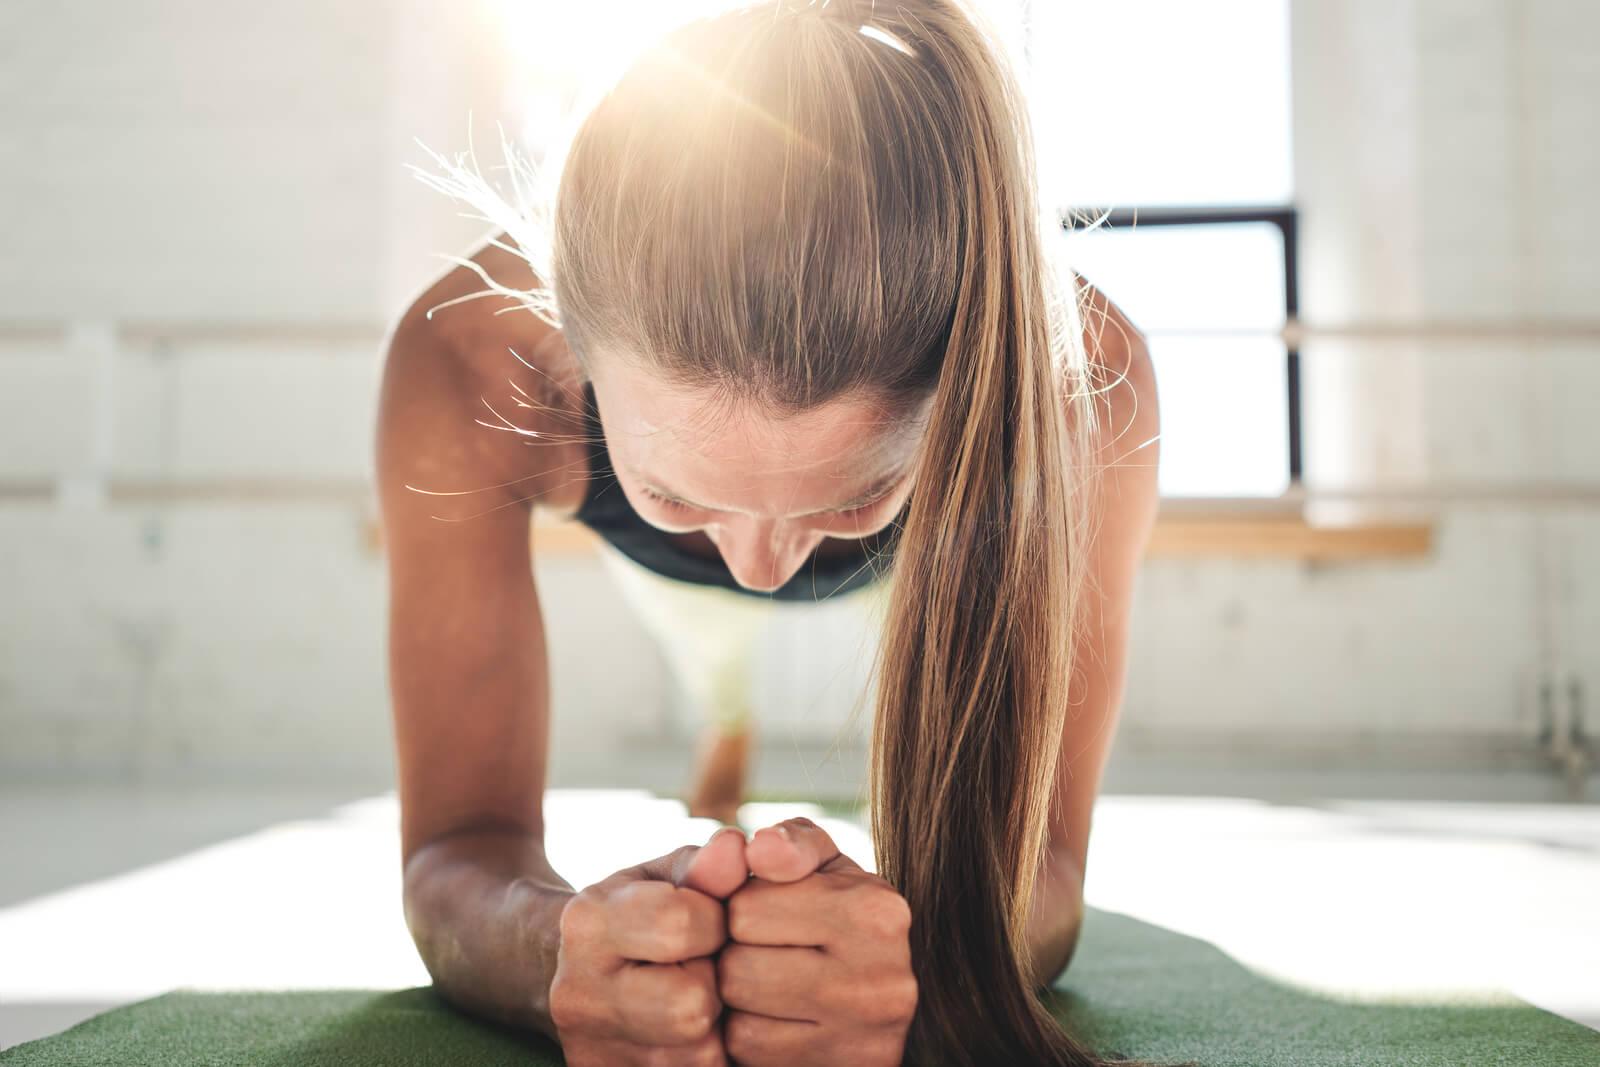 Sportlich Und Gesundheitlich Hat Bodyweight-Training Vorteile